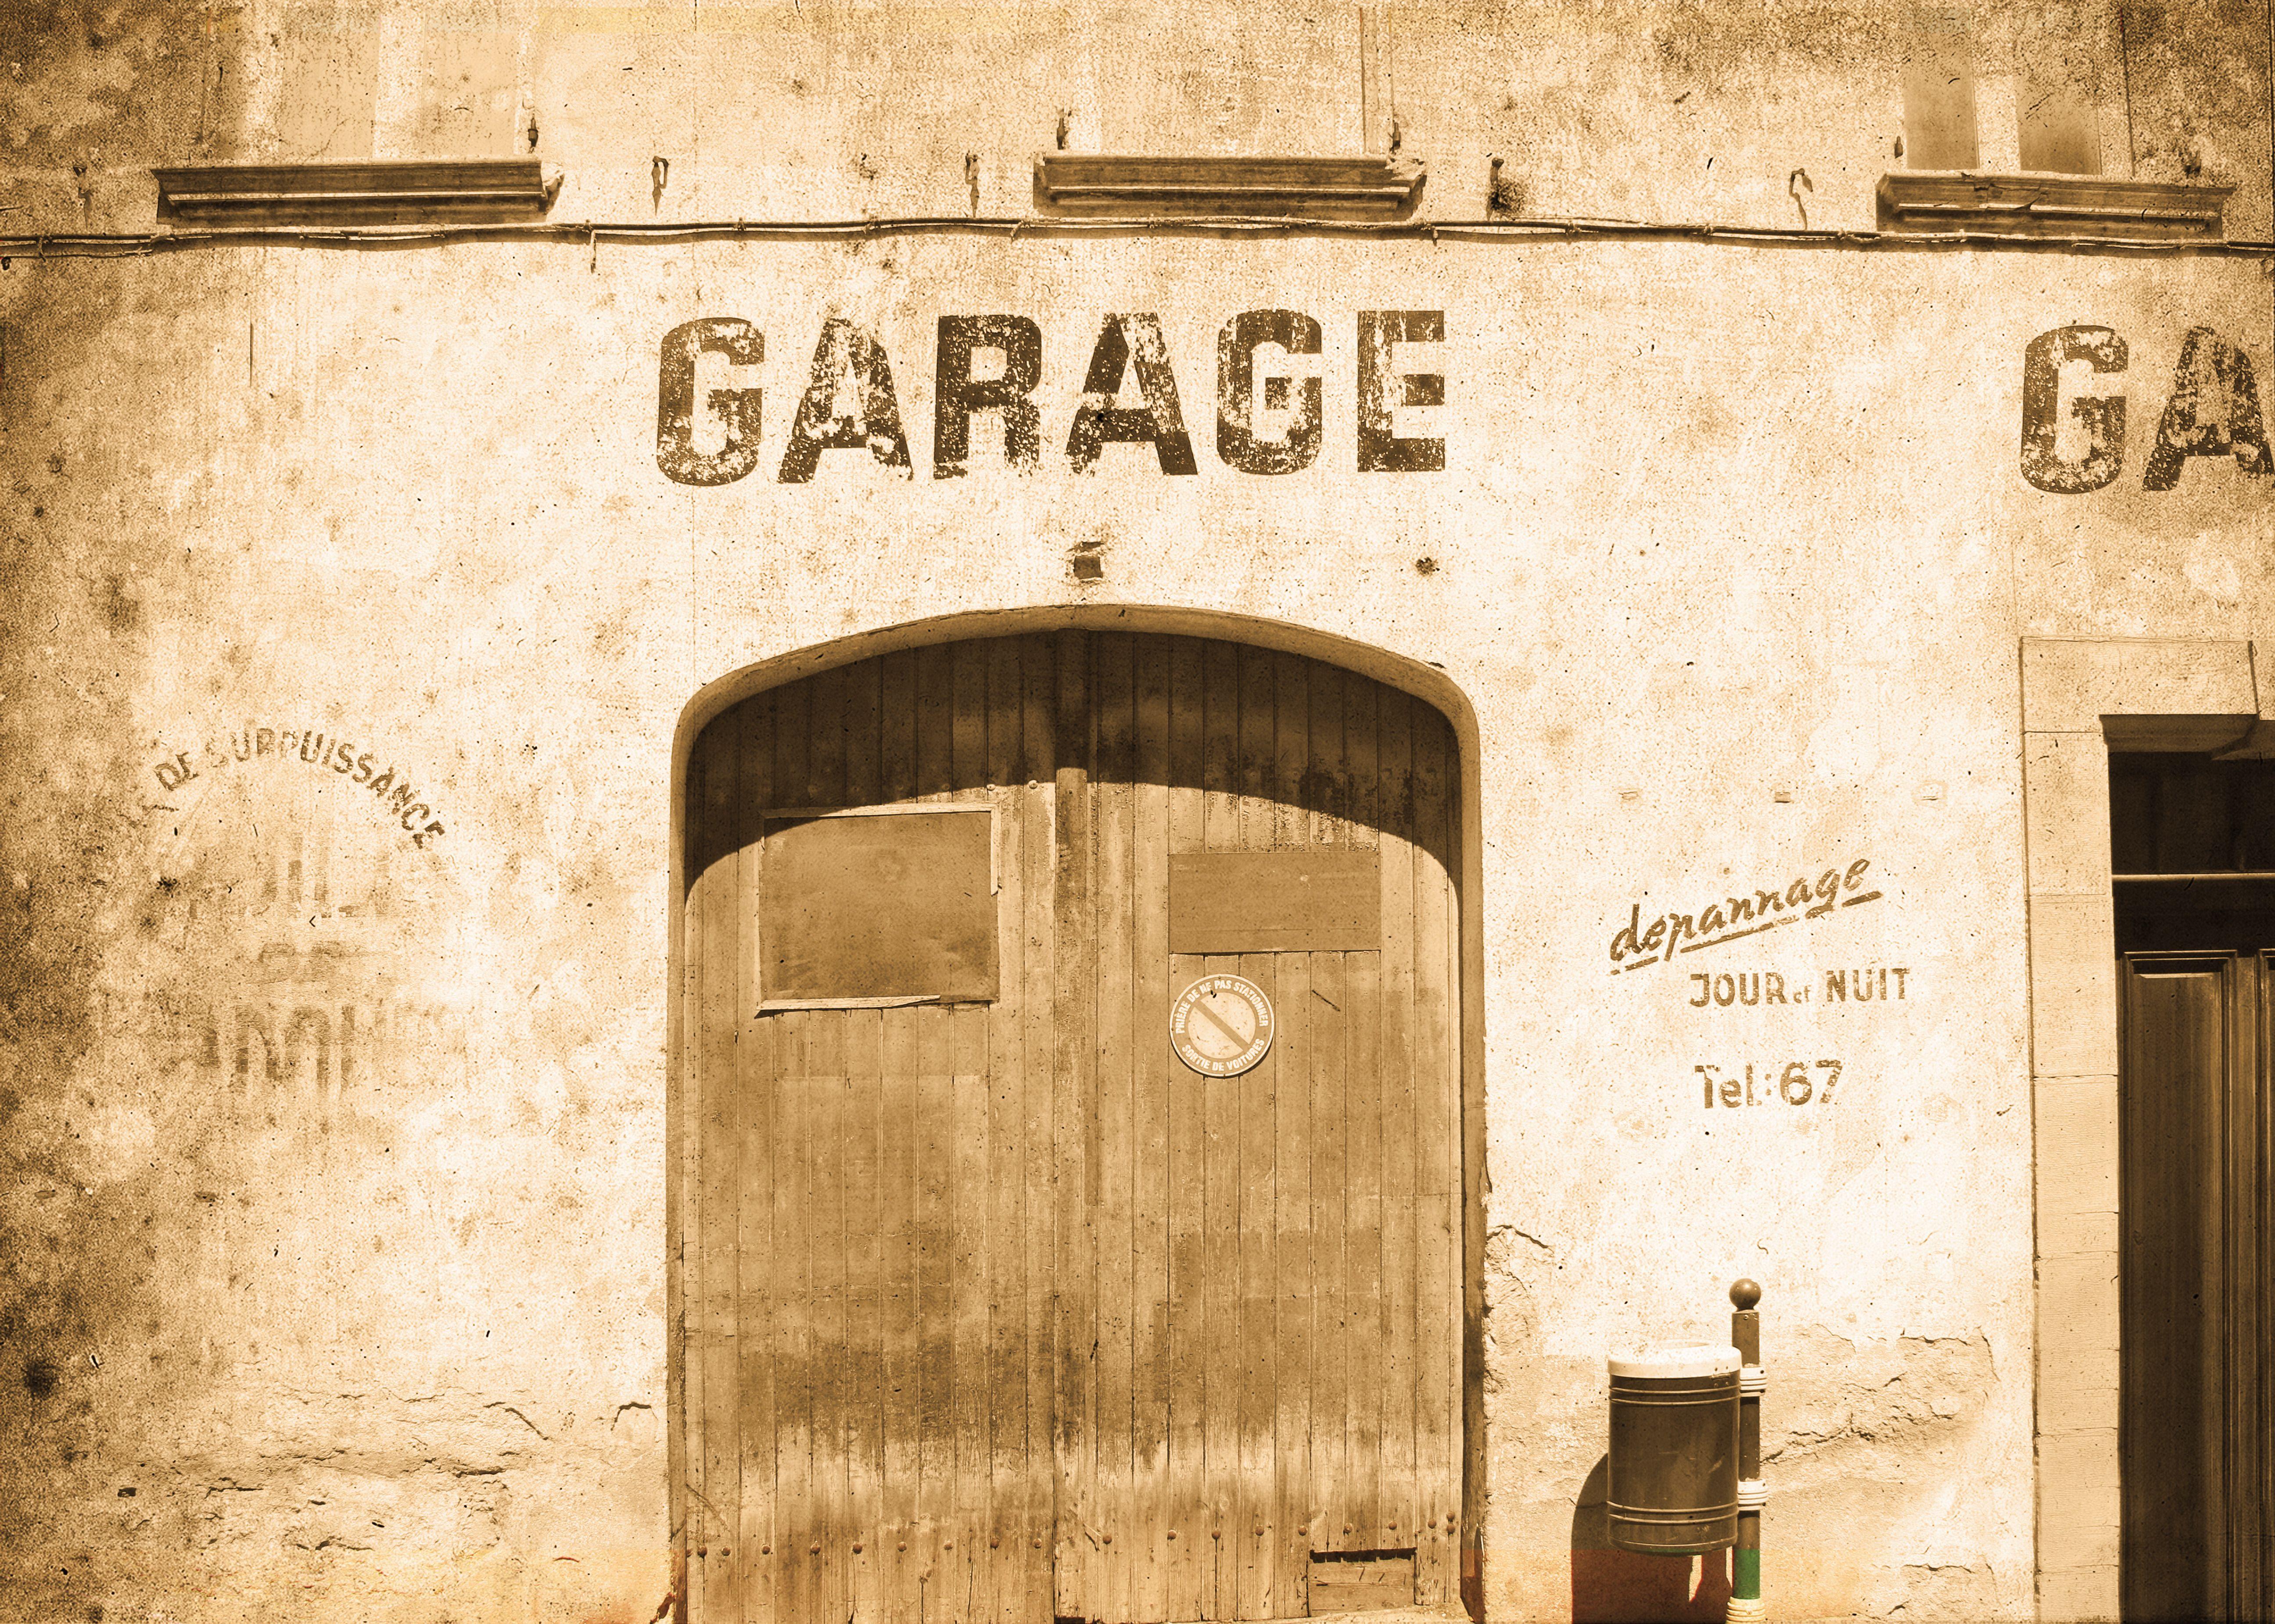 Ottawa Garage Door Repairs Installation Garage Doors Commercial Garage Doors Garage Service Door